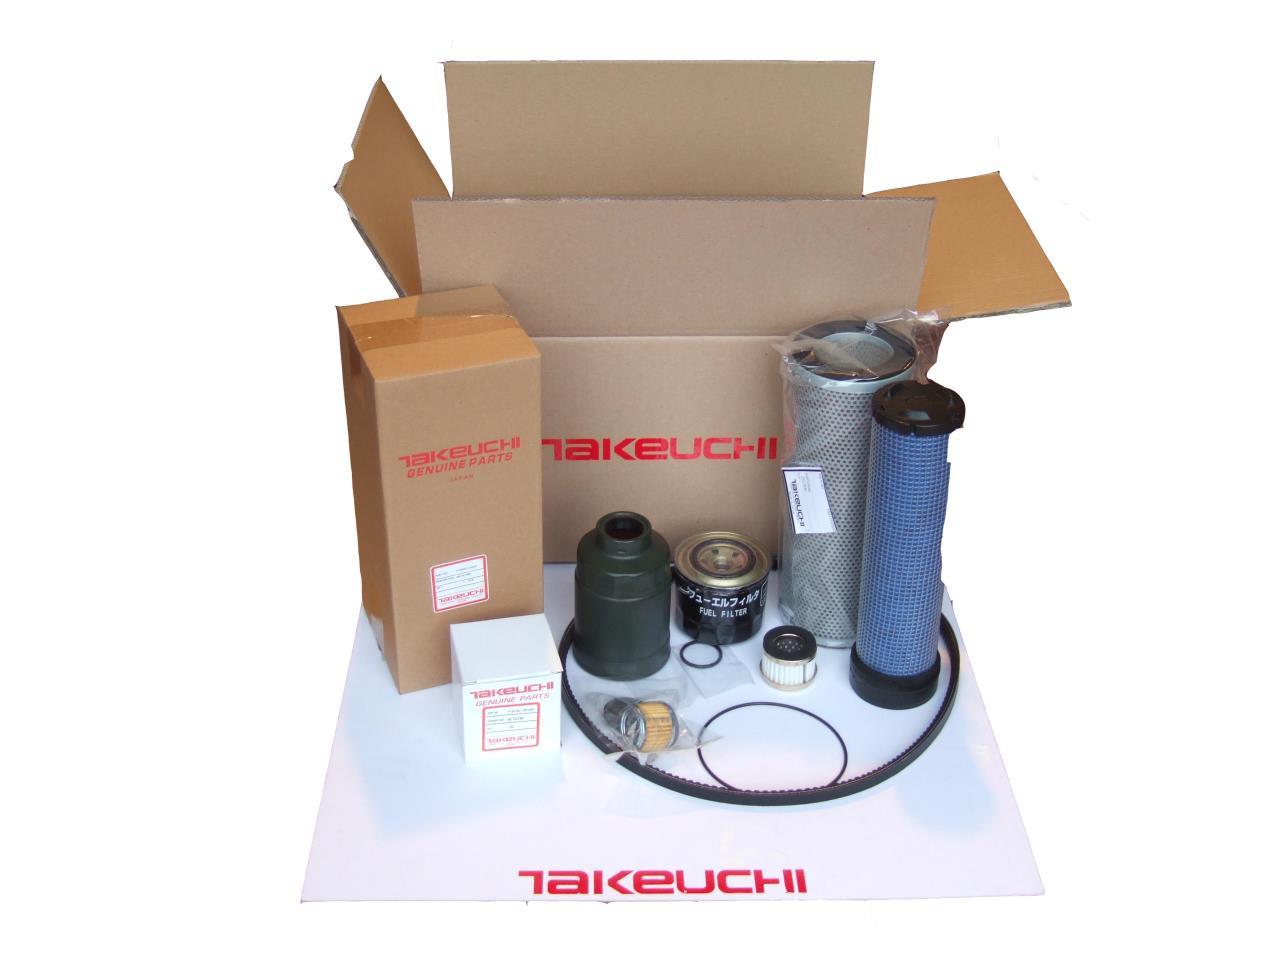 Takeuchi TB210R filtersæt